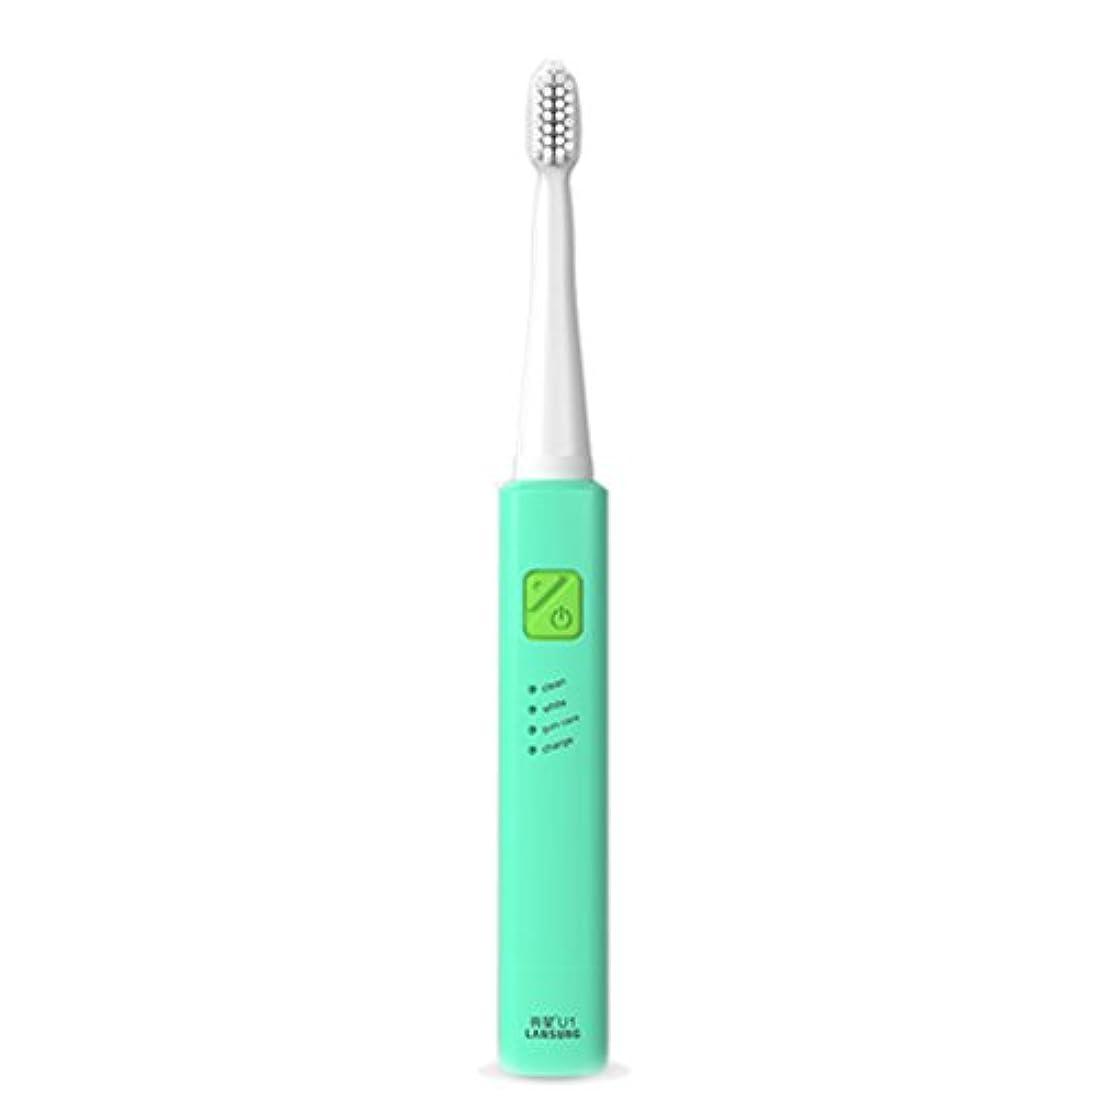 誕生日公爵謙虚電子歯ブラシ 超音波ロータリー ノンスリップ防水歯ブラシ 歯科口腔衛生